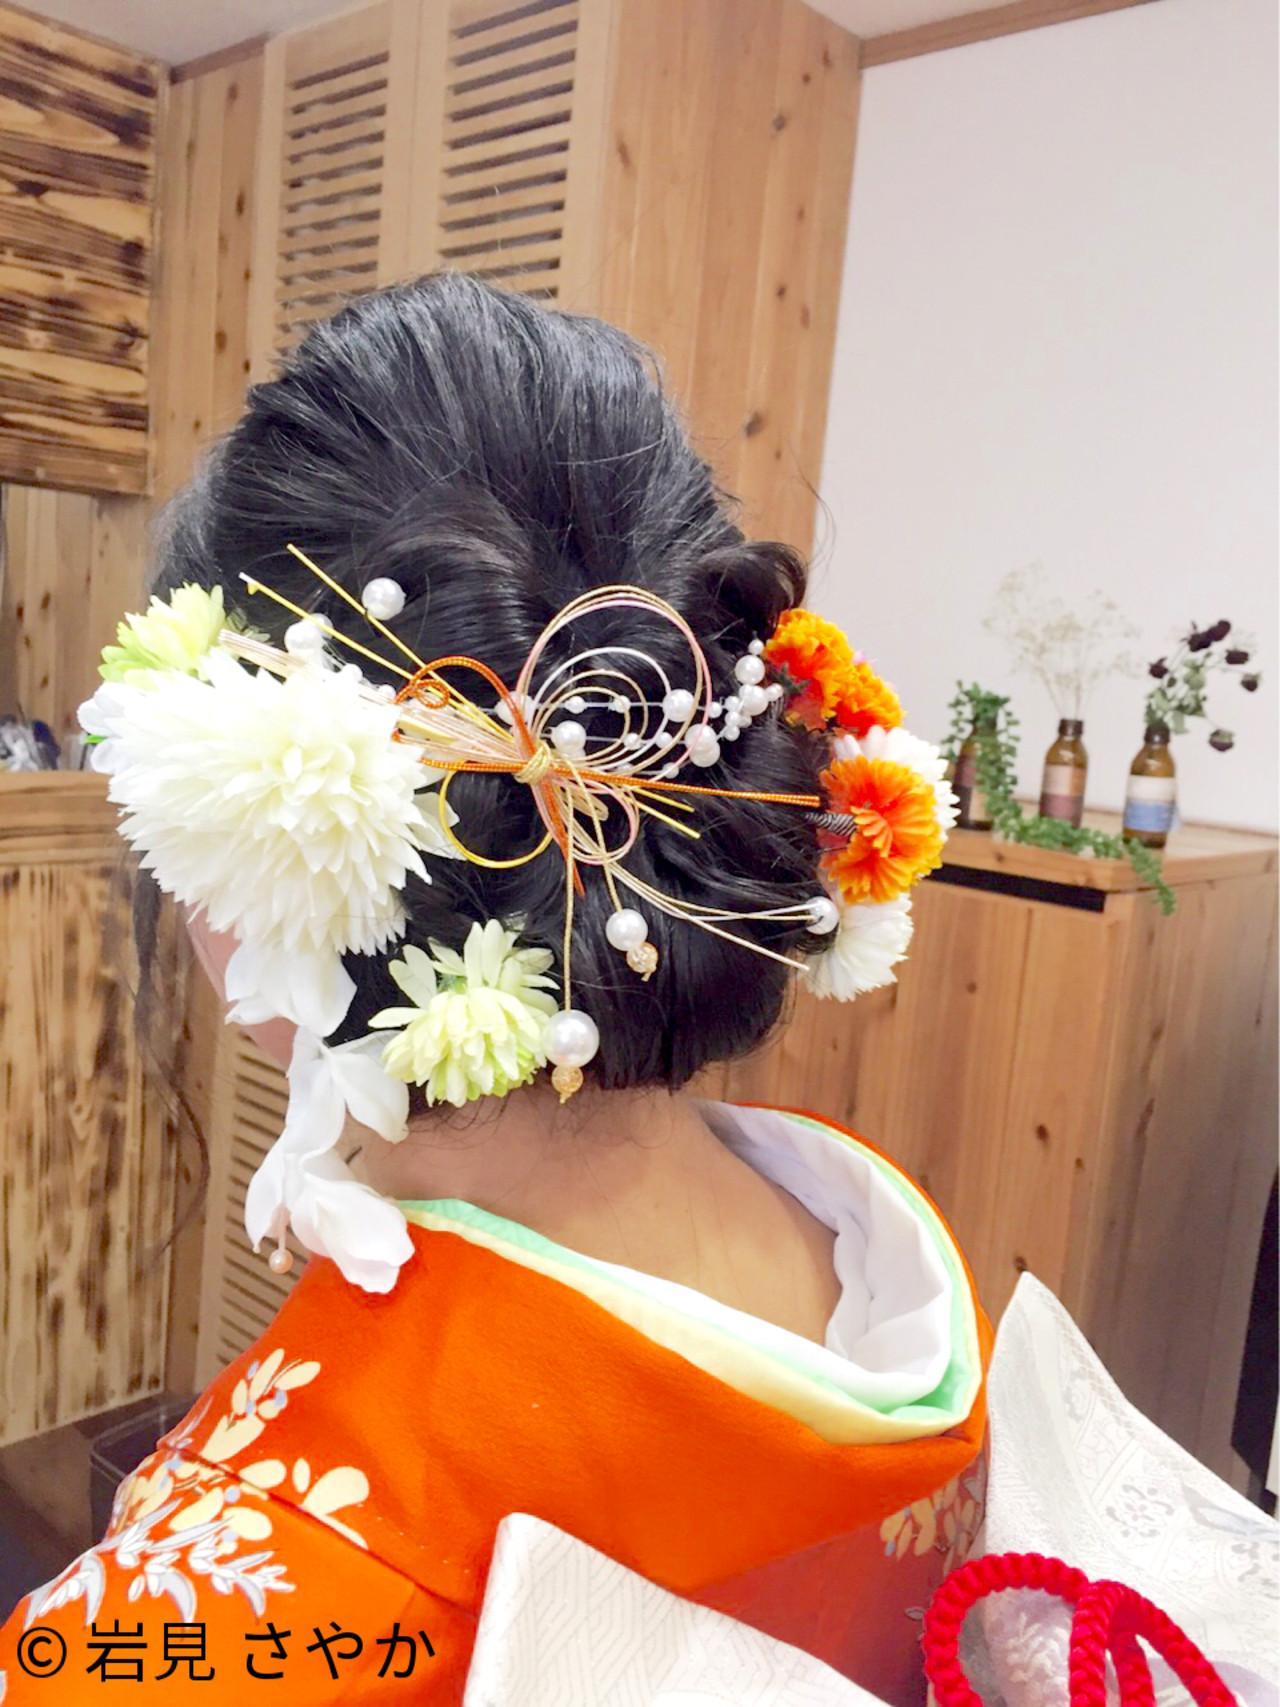 アップスタイル 振袖 セミロング ヘアアレンジ ヘアスタイルや髪型の写真・画像 | 岩見 さやか / hairsalon   mino